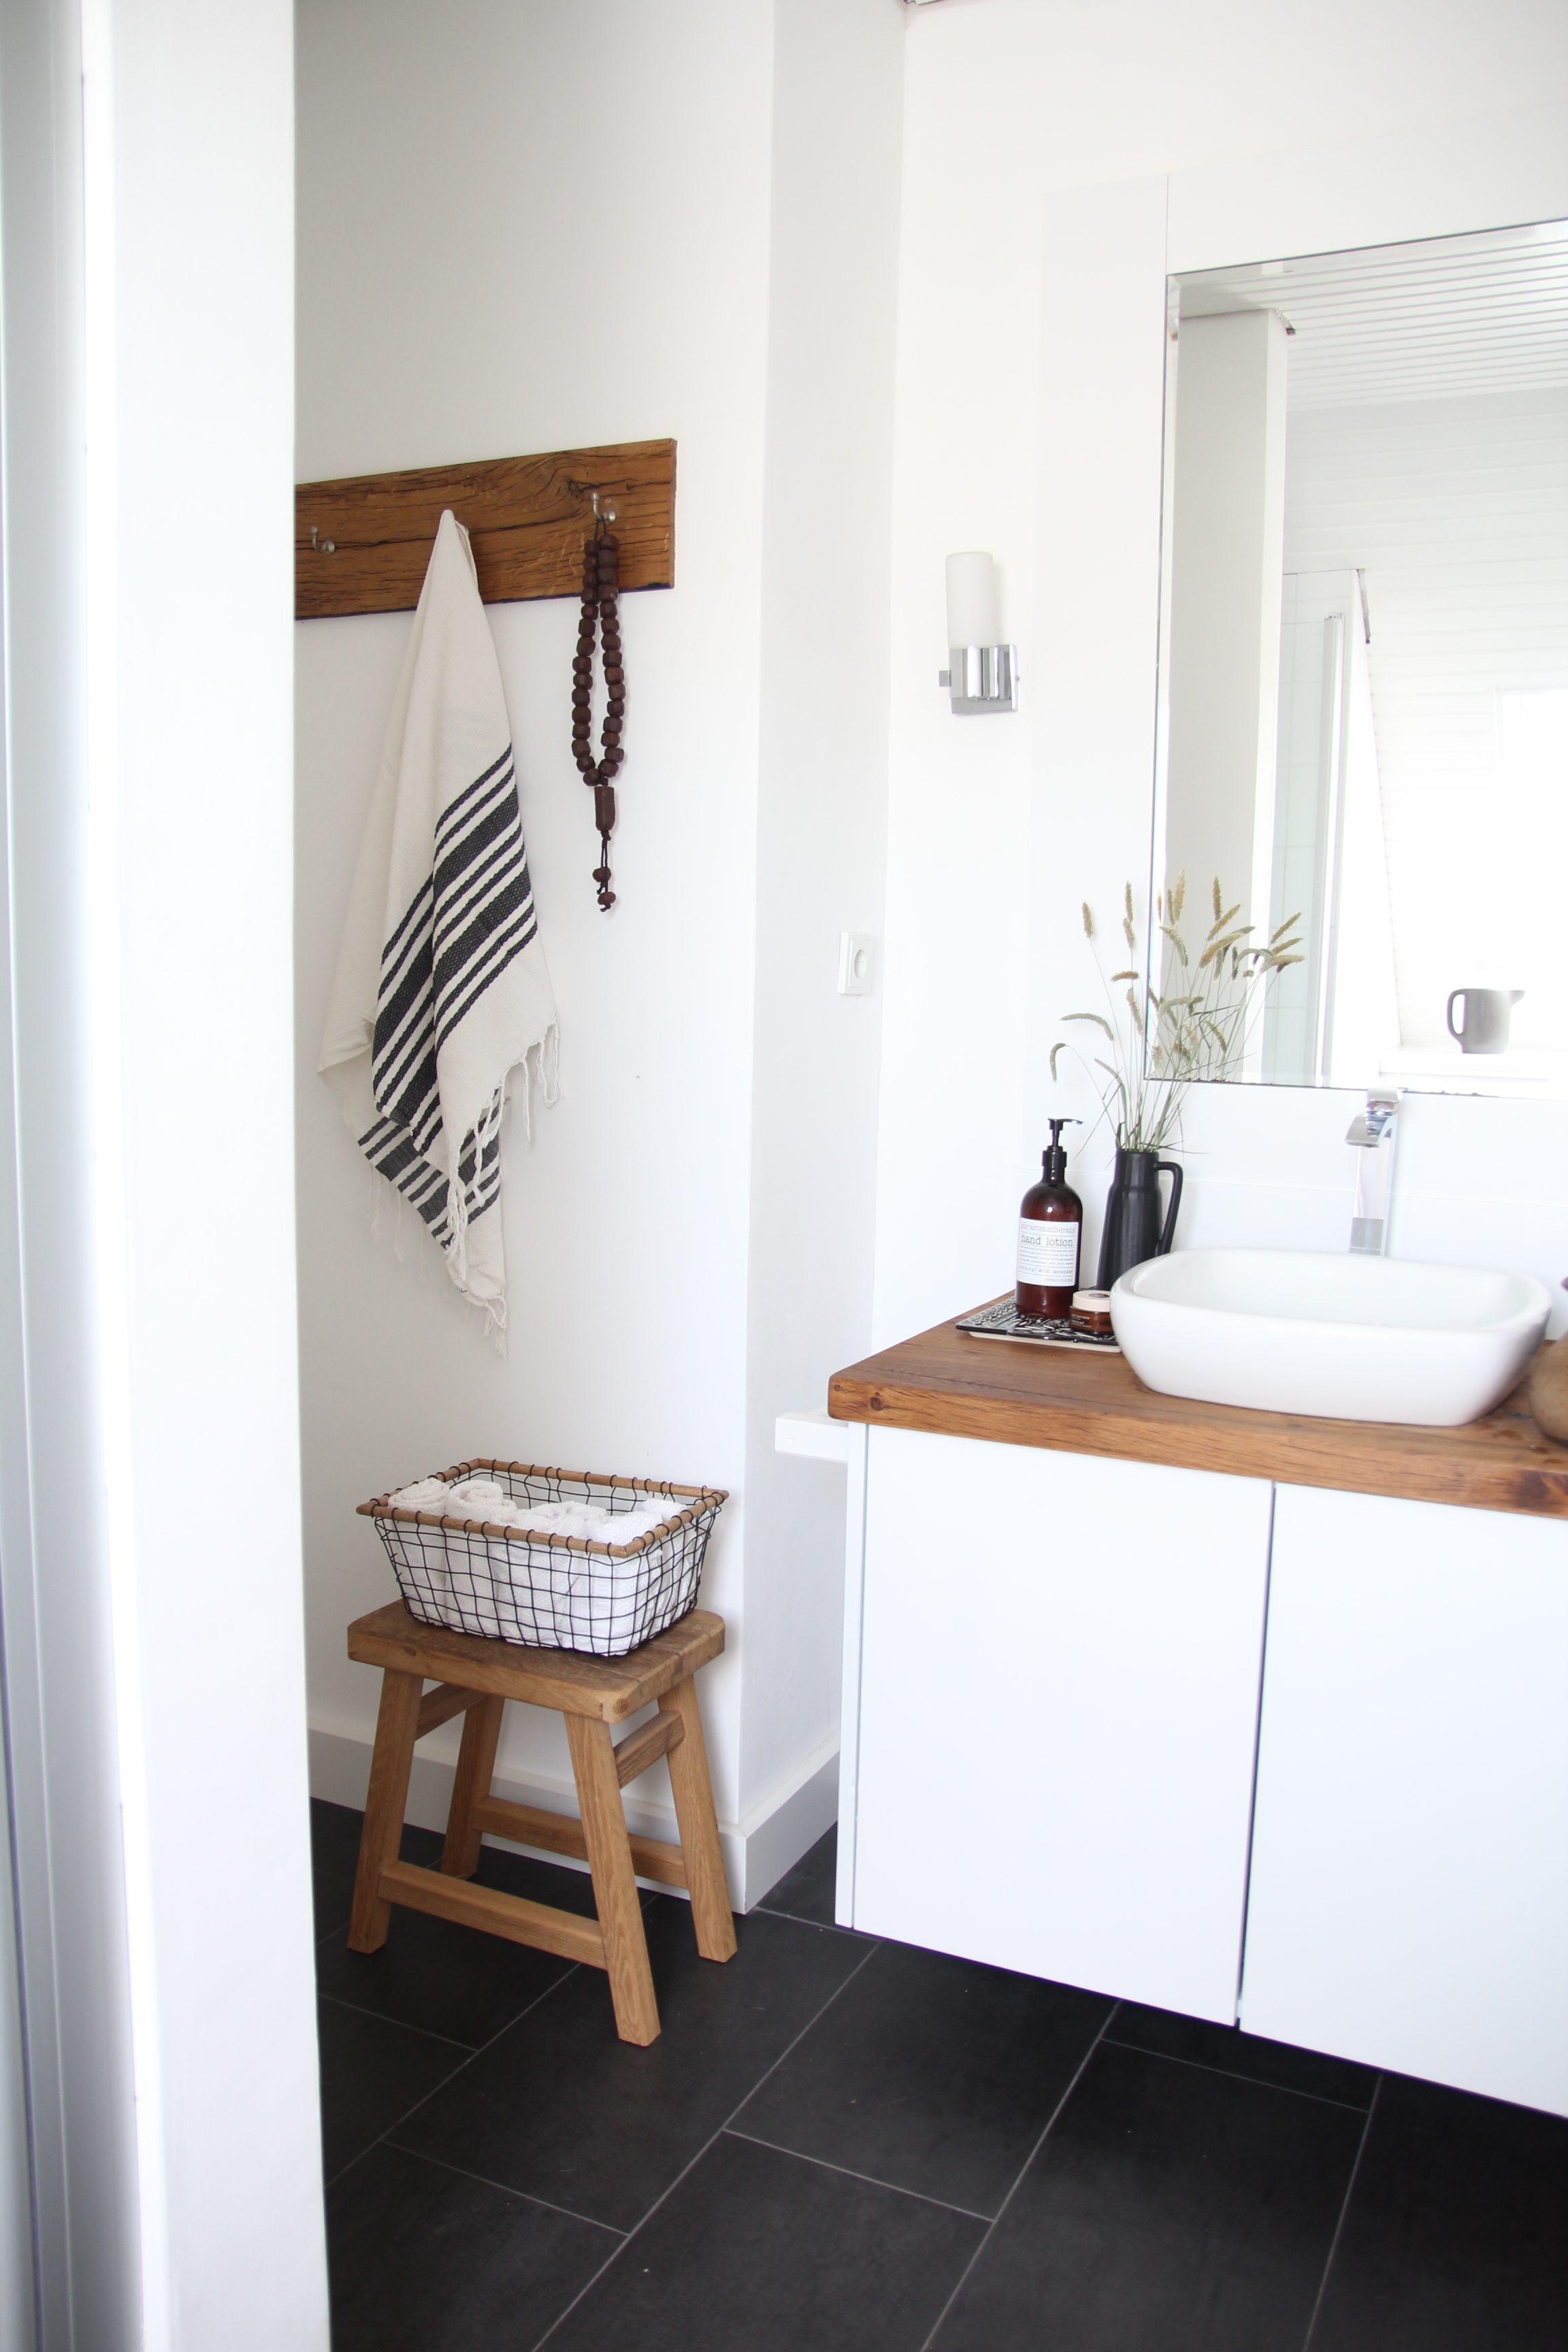 badezimmer-günstig-renovieren-ideen - DESIGN DOTS